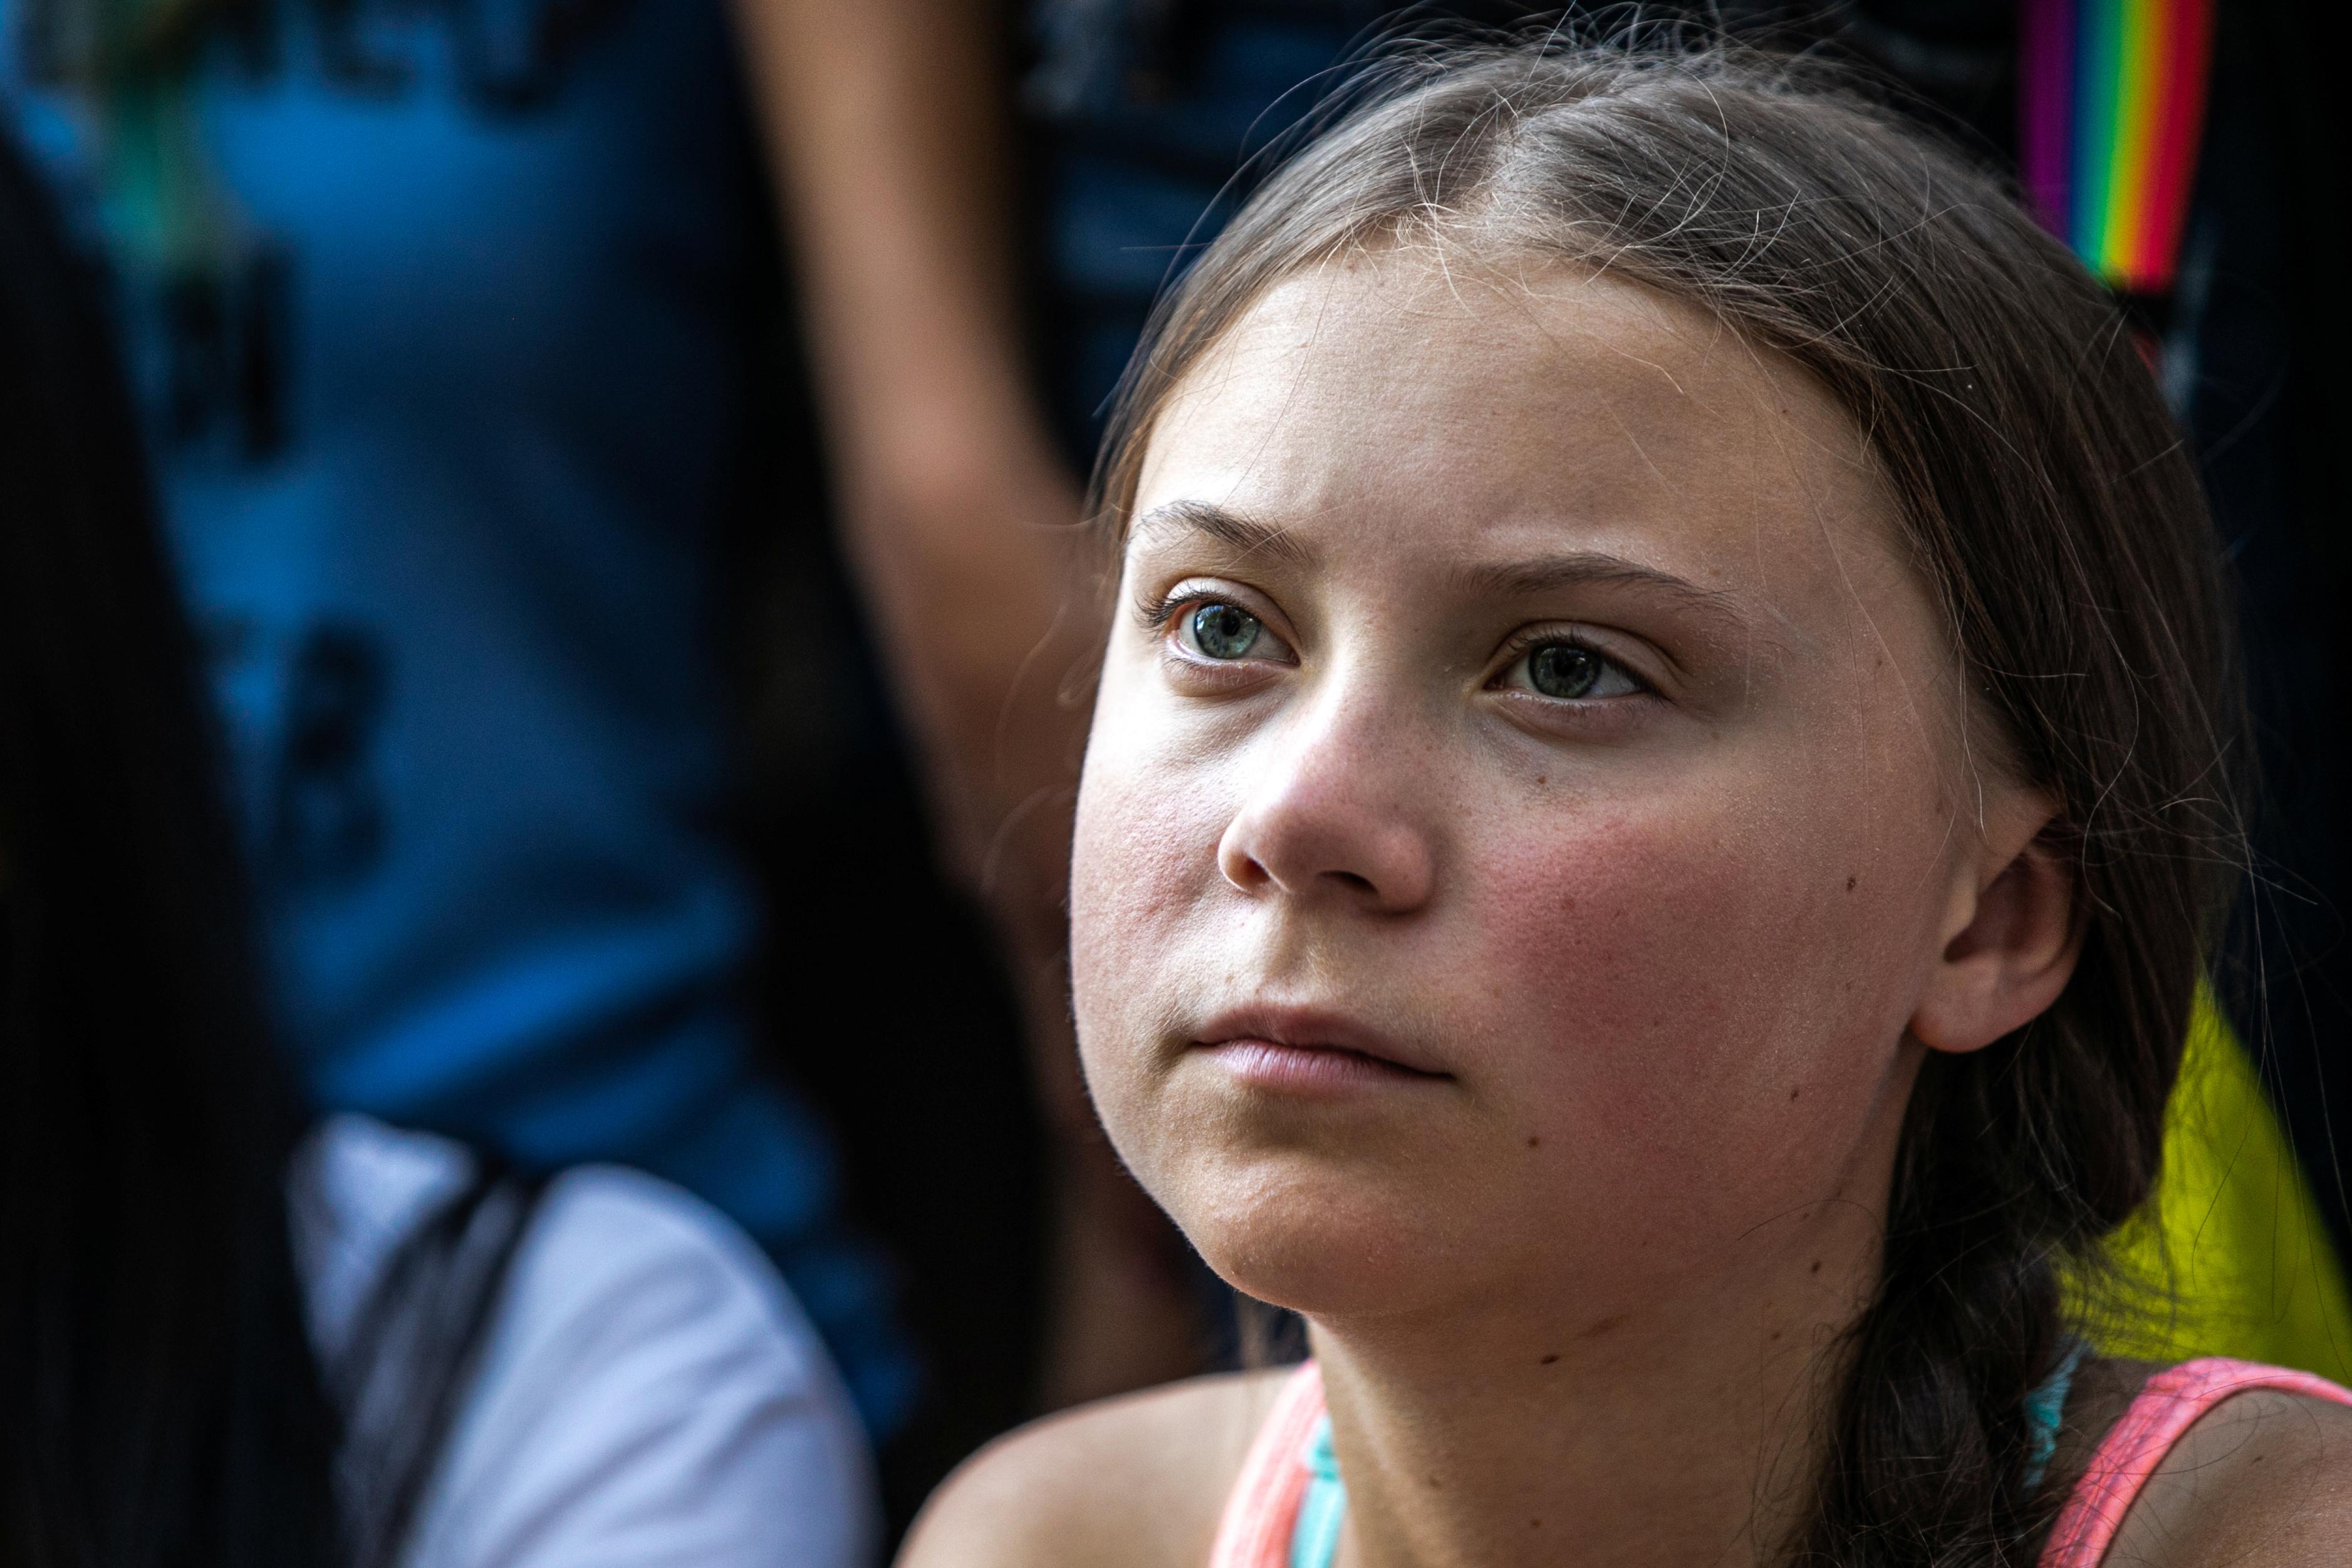 Pour Greta Thunberg, son syndrome d'Asperger est un «super-pouvoir»